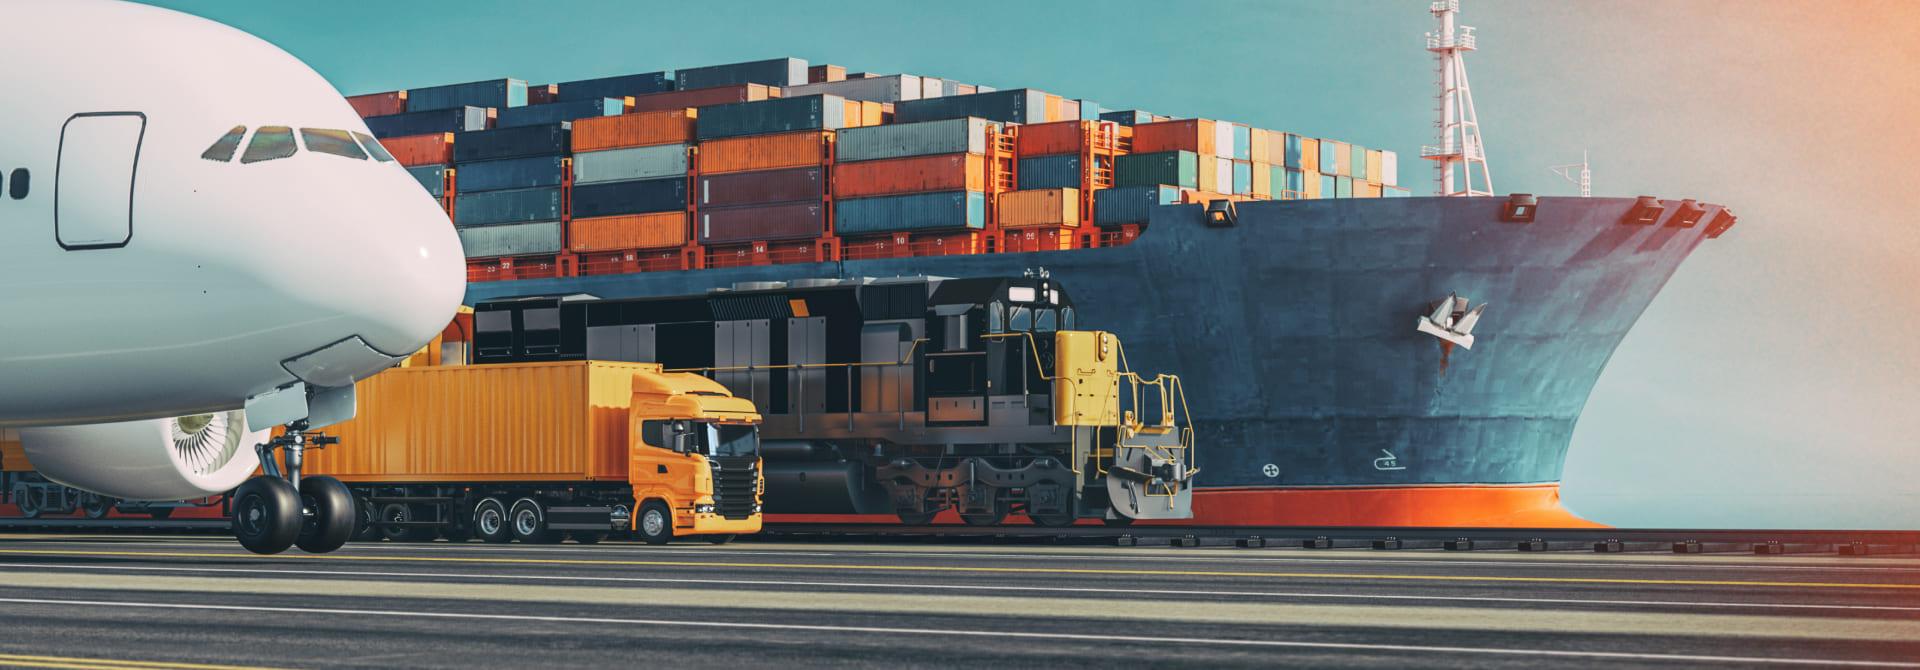 Foto ilustrativa de um porto com um navio atracado, junto com um trem, um caminhão e um avião estacionados.